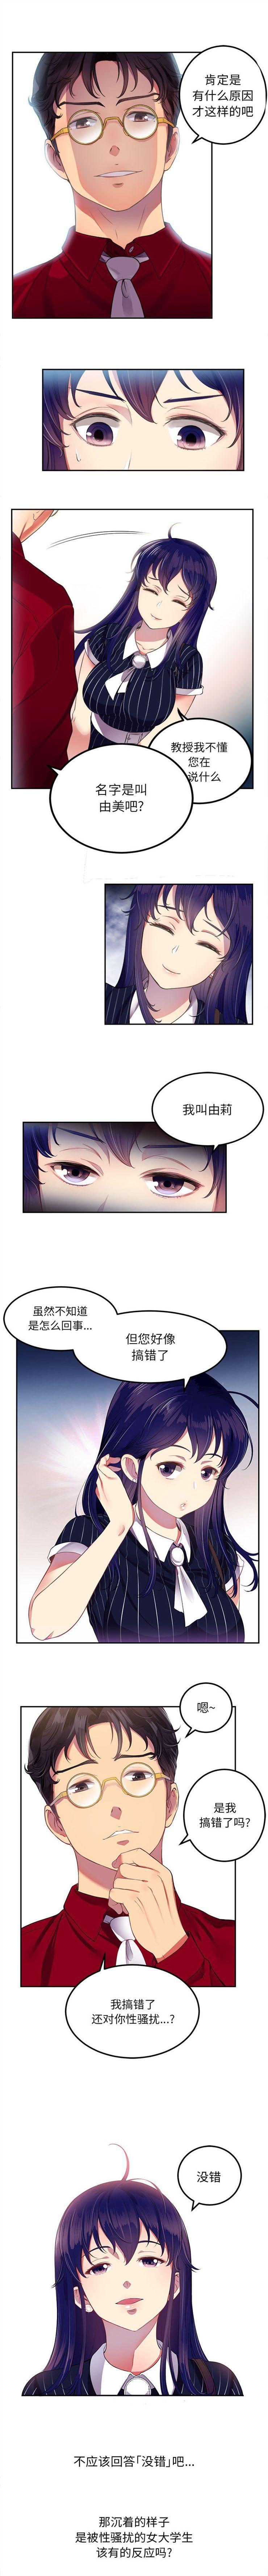 由莉的秘密1-60 中文翻译 (更新中) 30